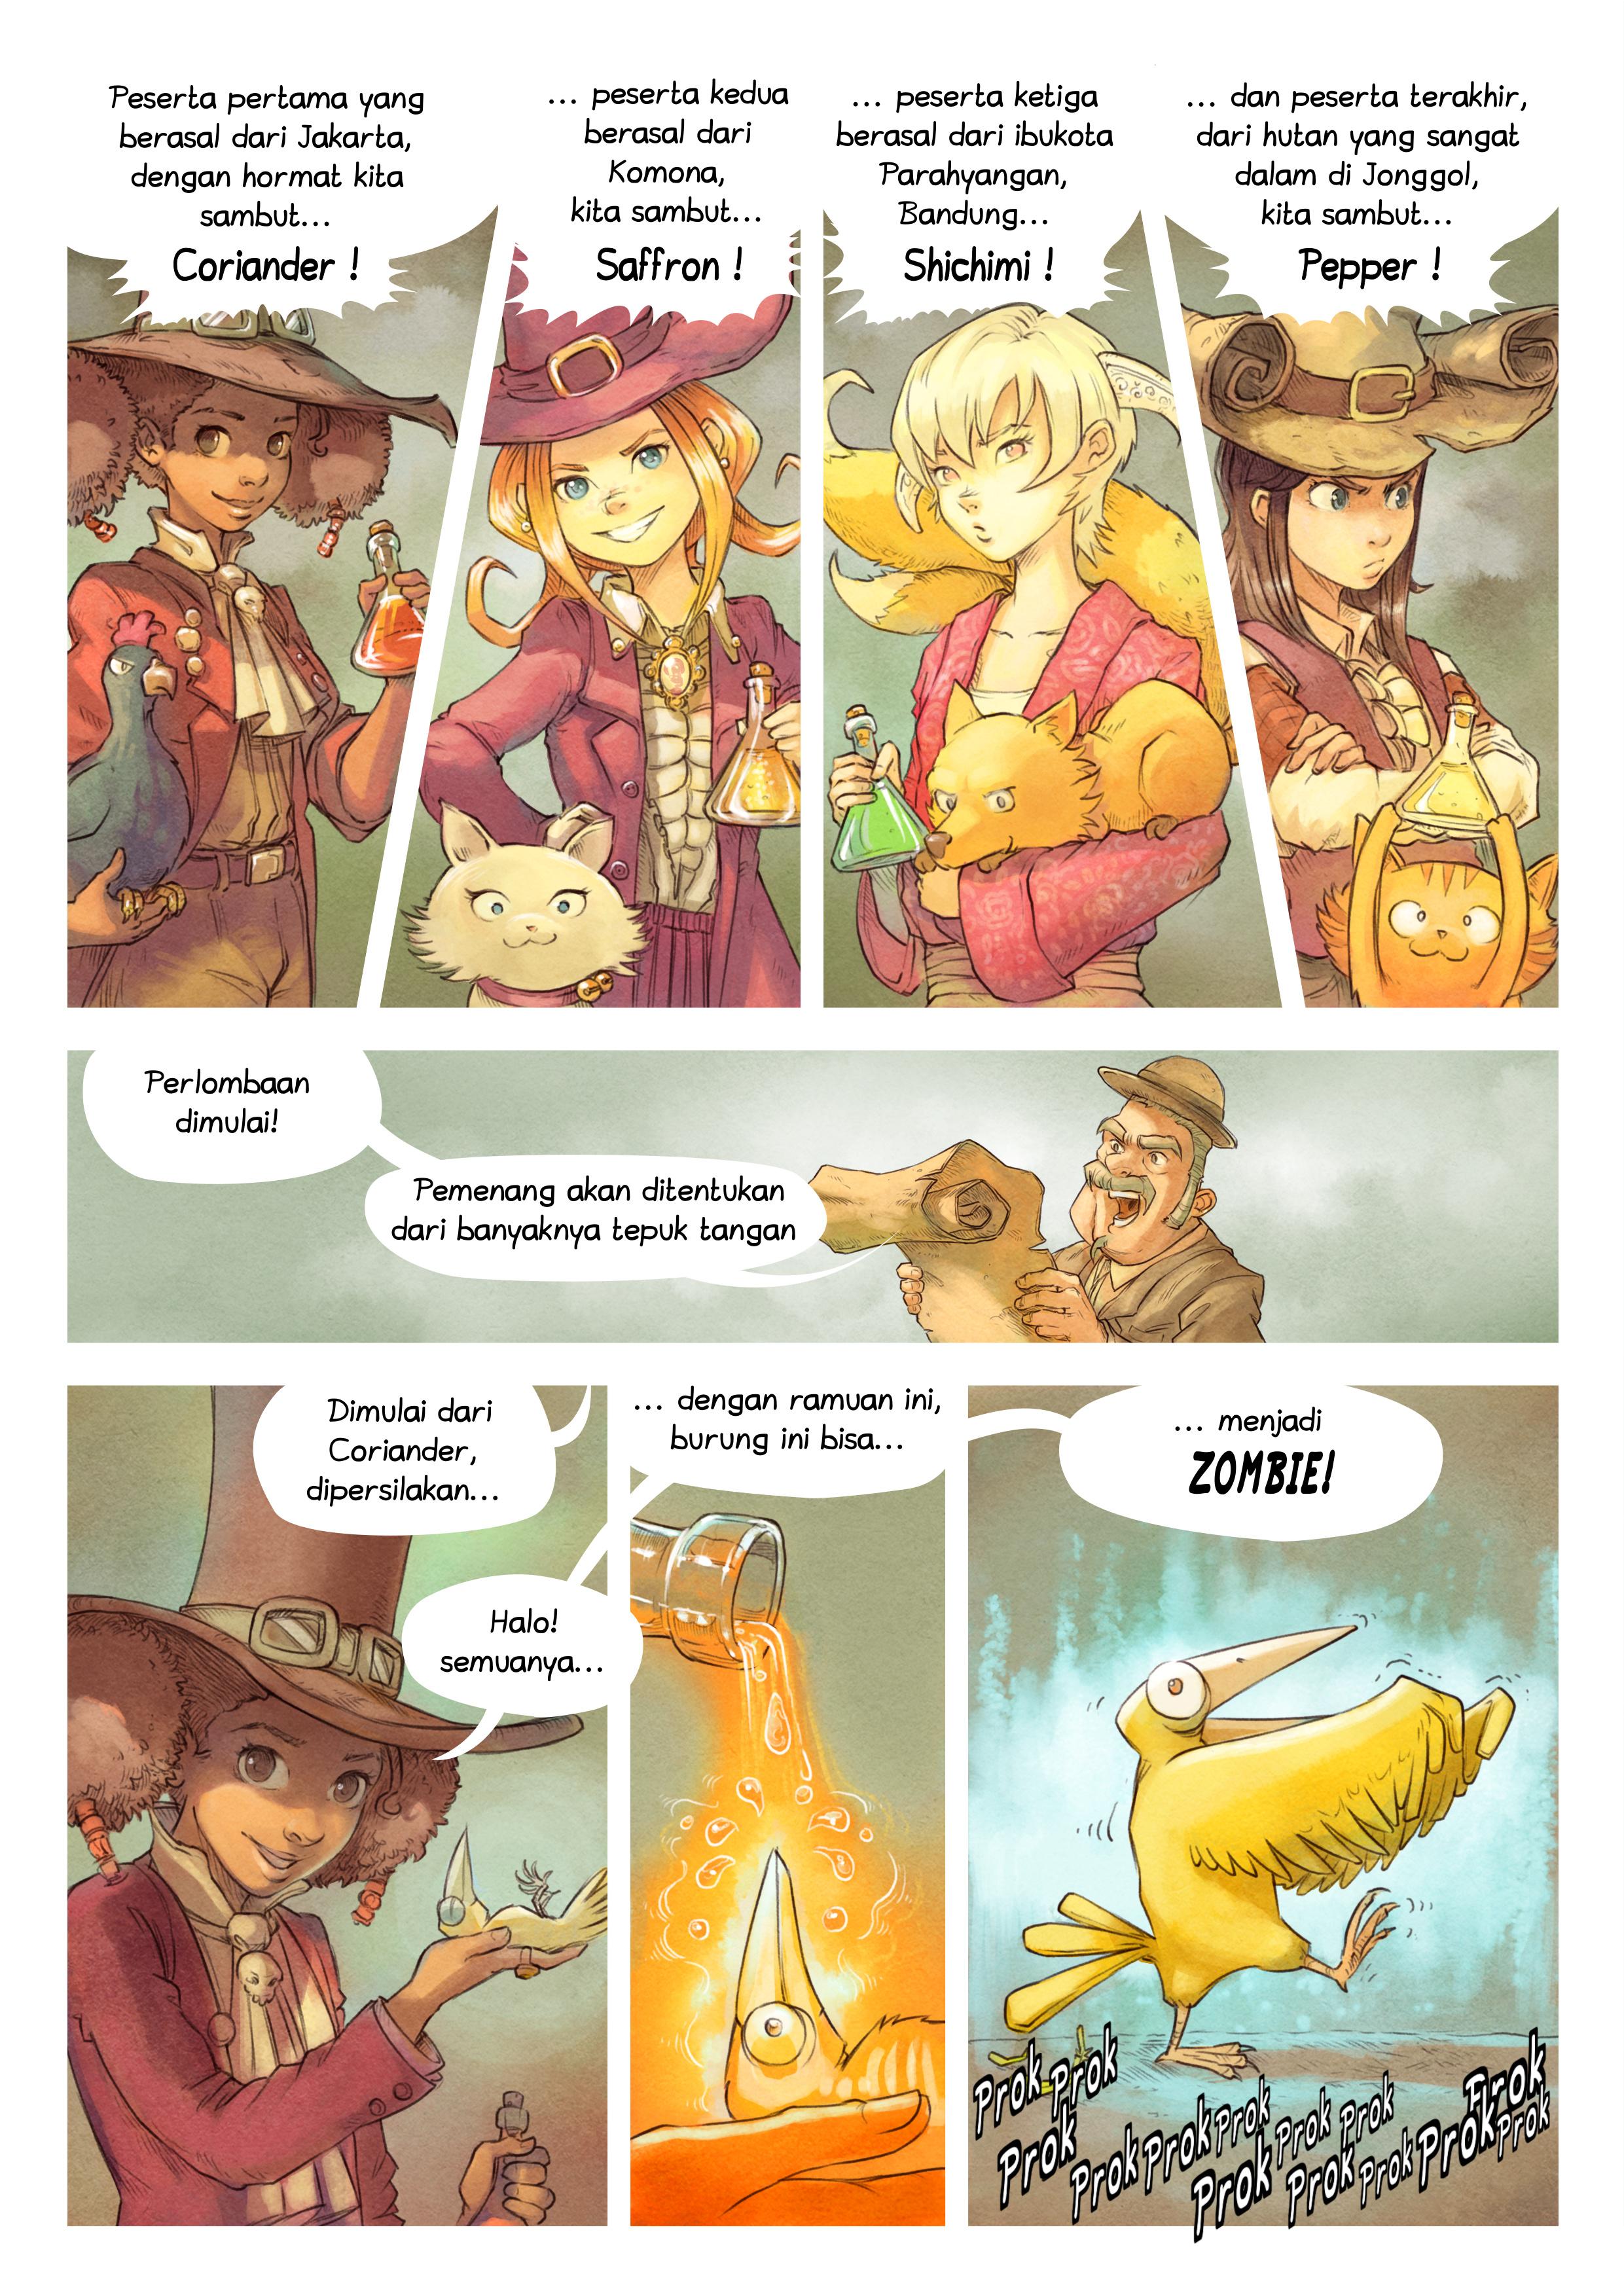 Episode 6: Perlombaan ramuan, Page 4